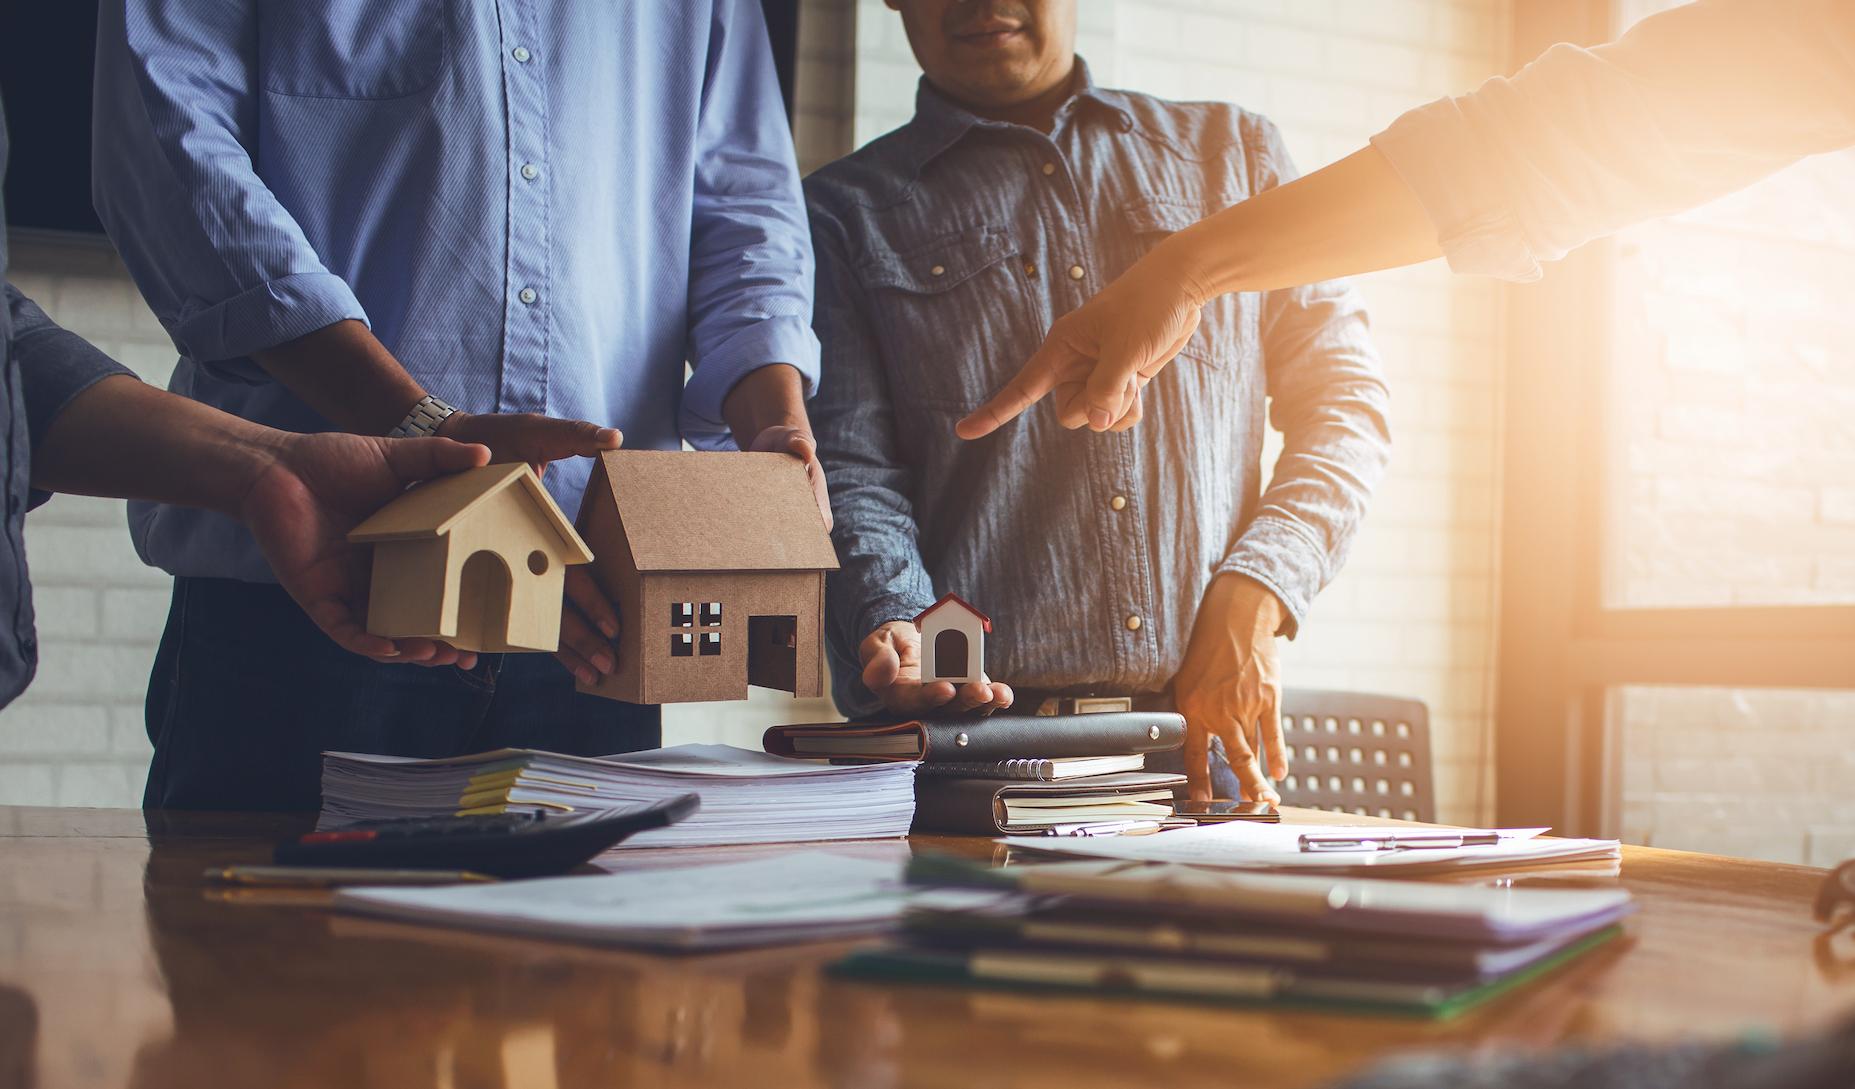 CRM, nyproduktion, bostadsutveckling, bostäder, mäklarsystem, prissättning bostäder, vitec